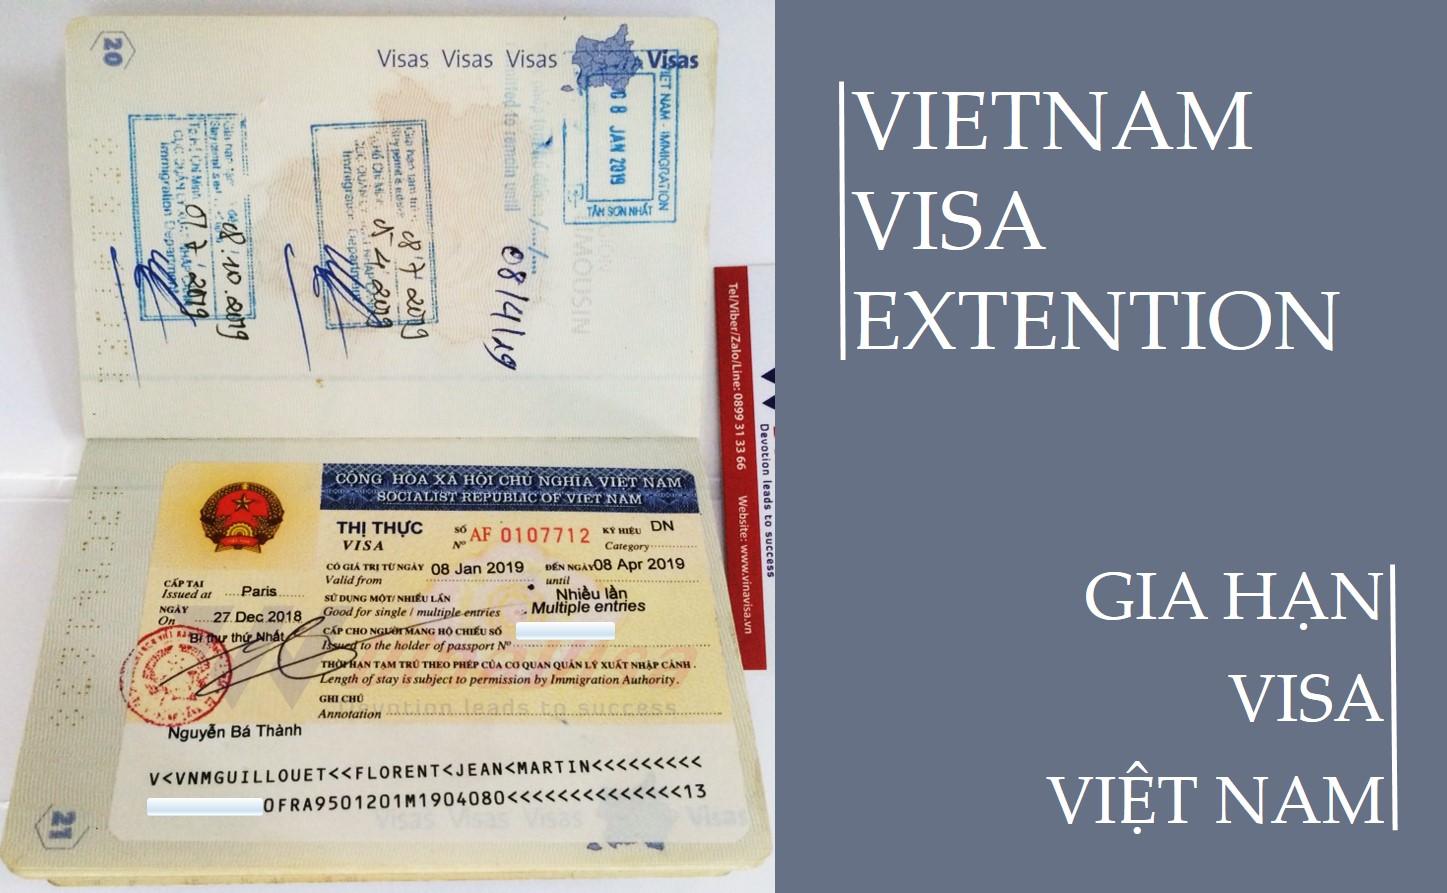 gia hạn visa việt nam tại đà nẵng